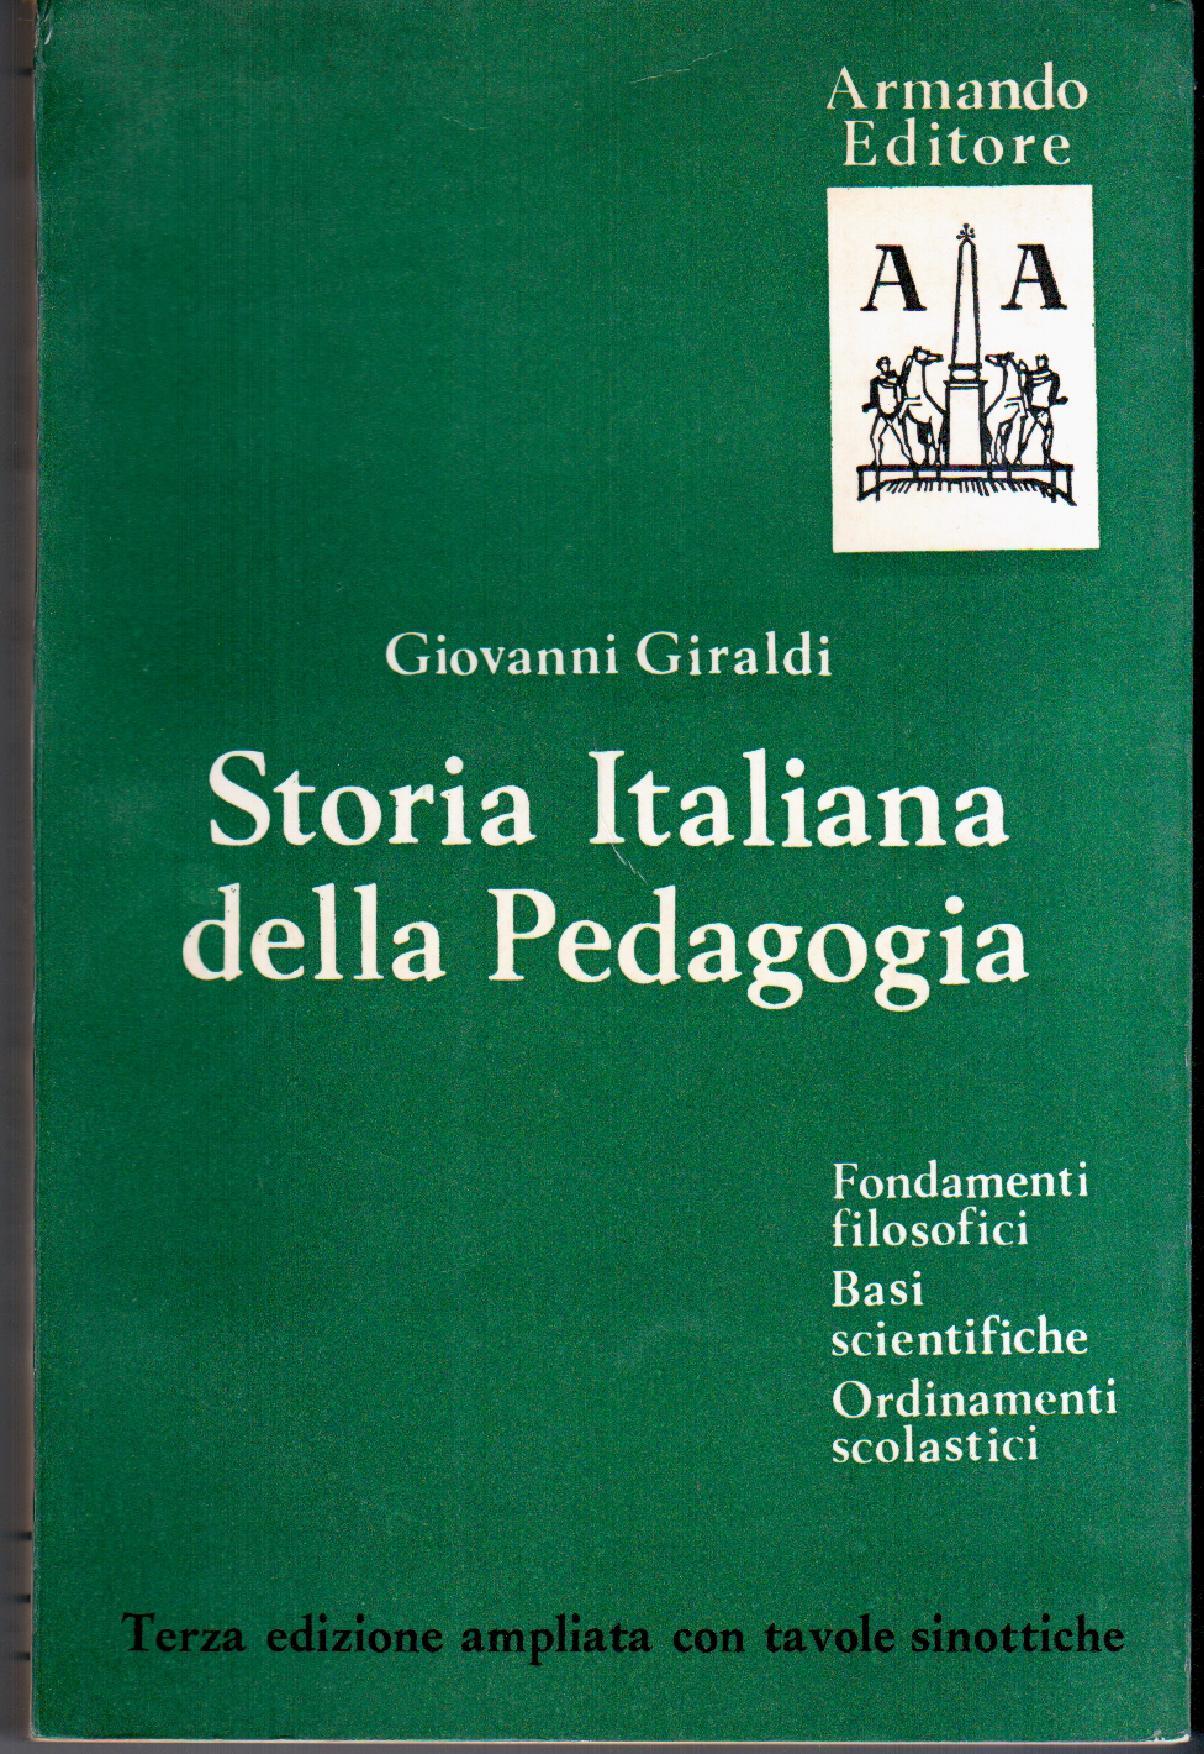 Storia italiana della pedagogia